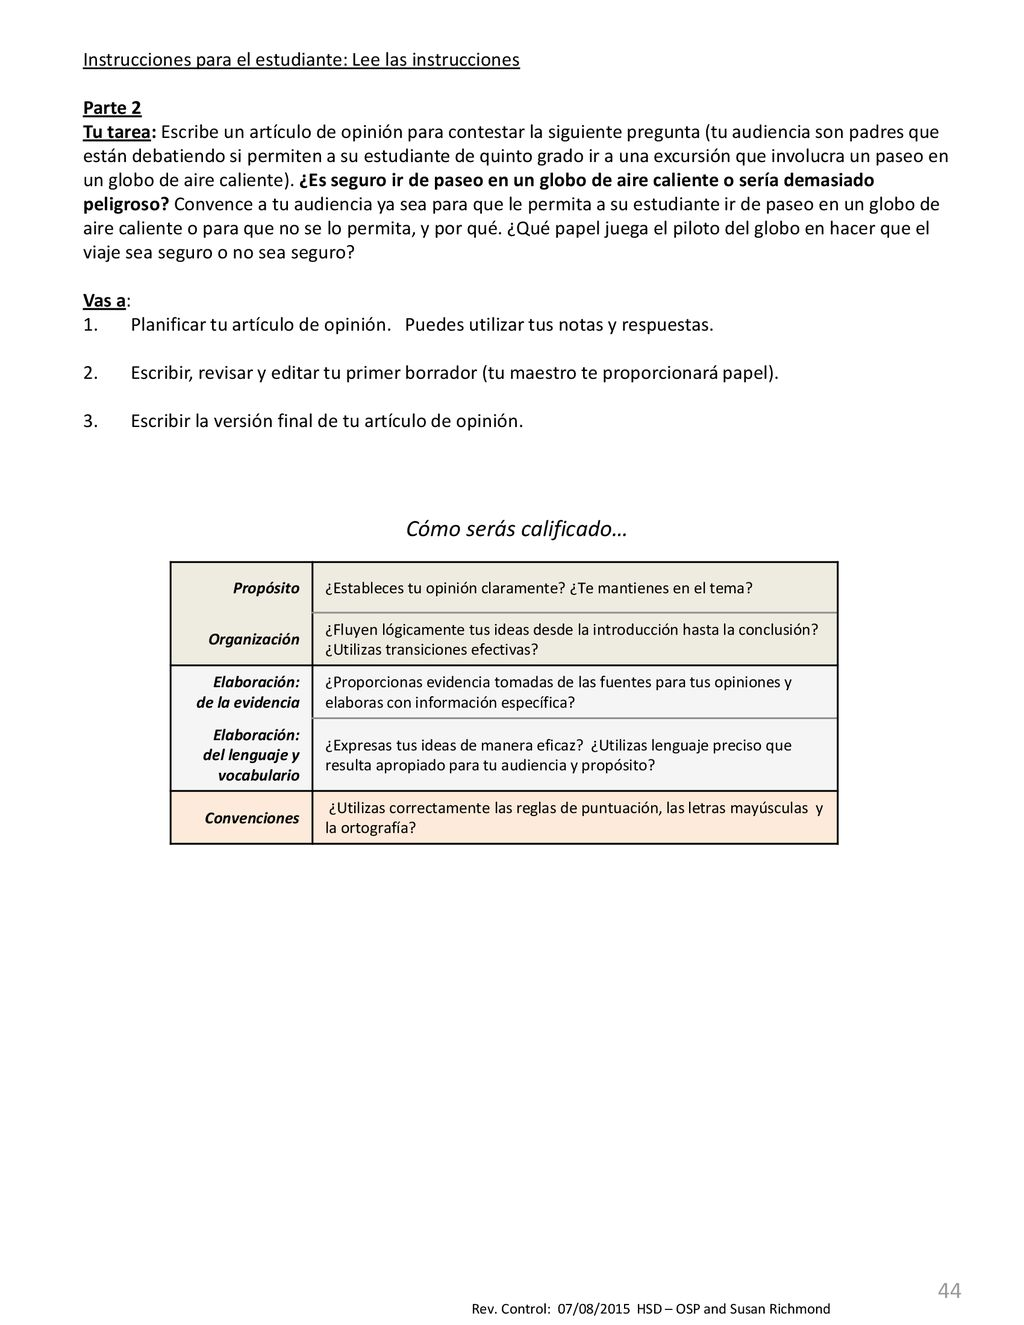 5to Grado Instrucciones del maestro Pre-Evaluación Trimestre 4 - ppt ...